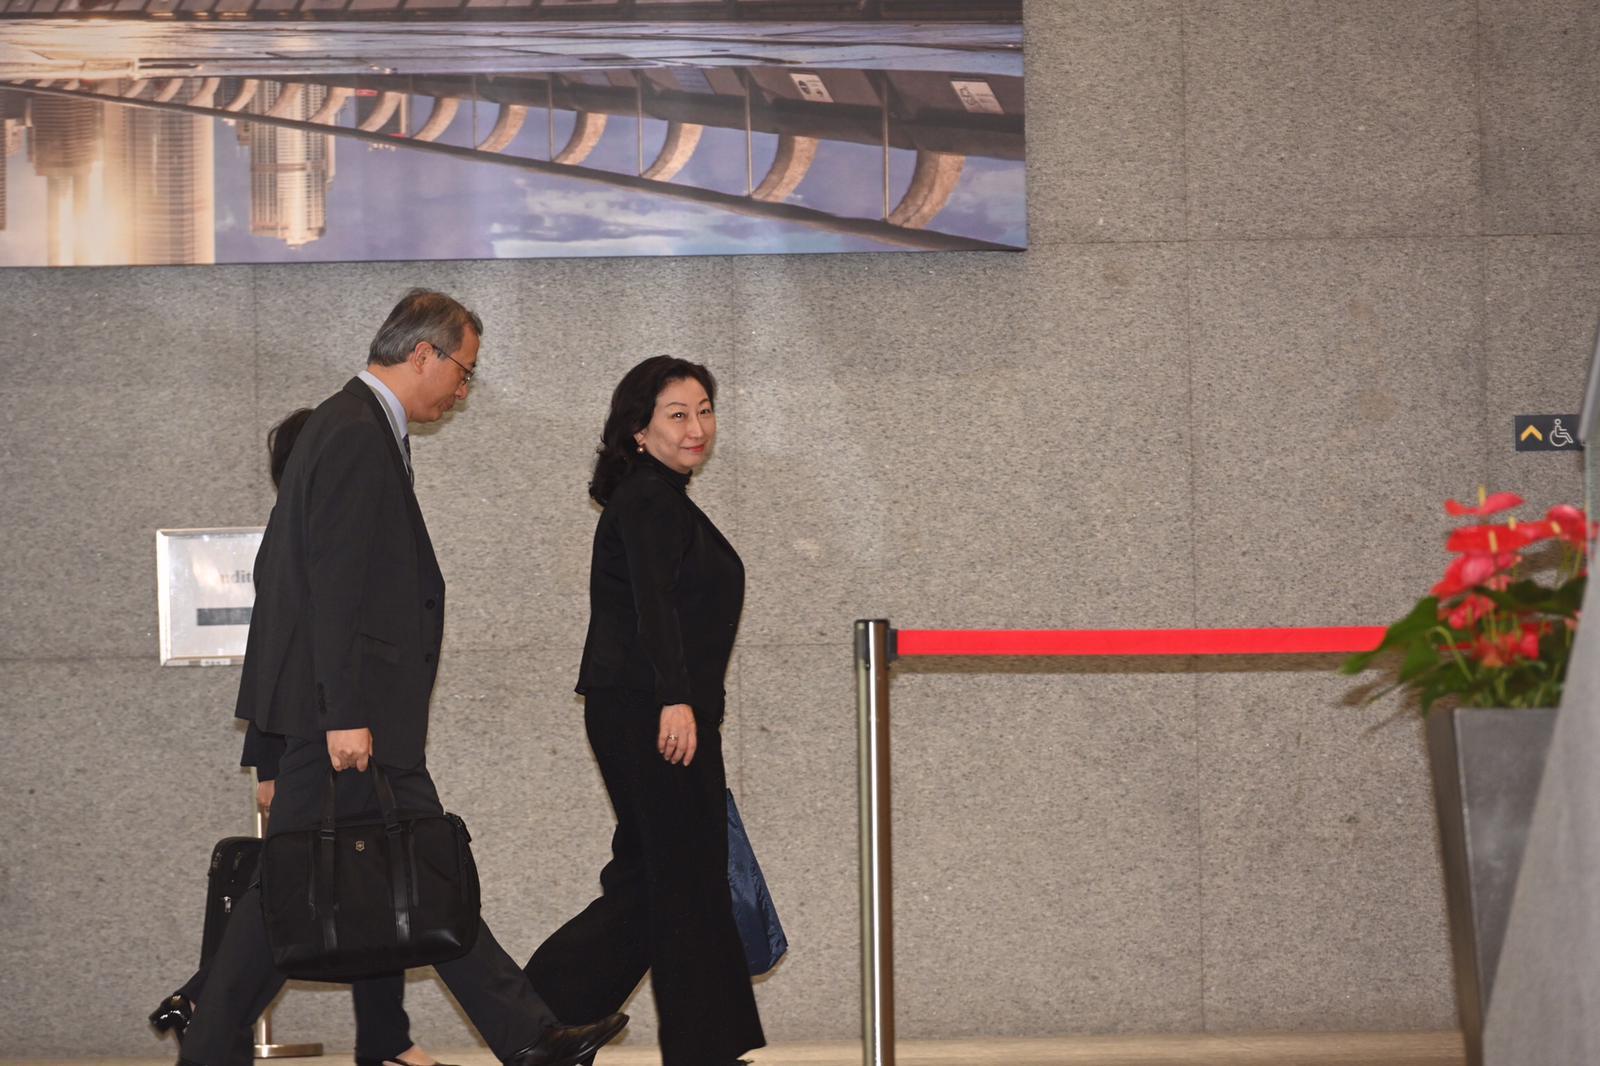 律政司司长郑若骅也有出席。